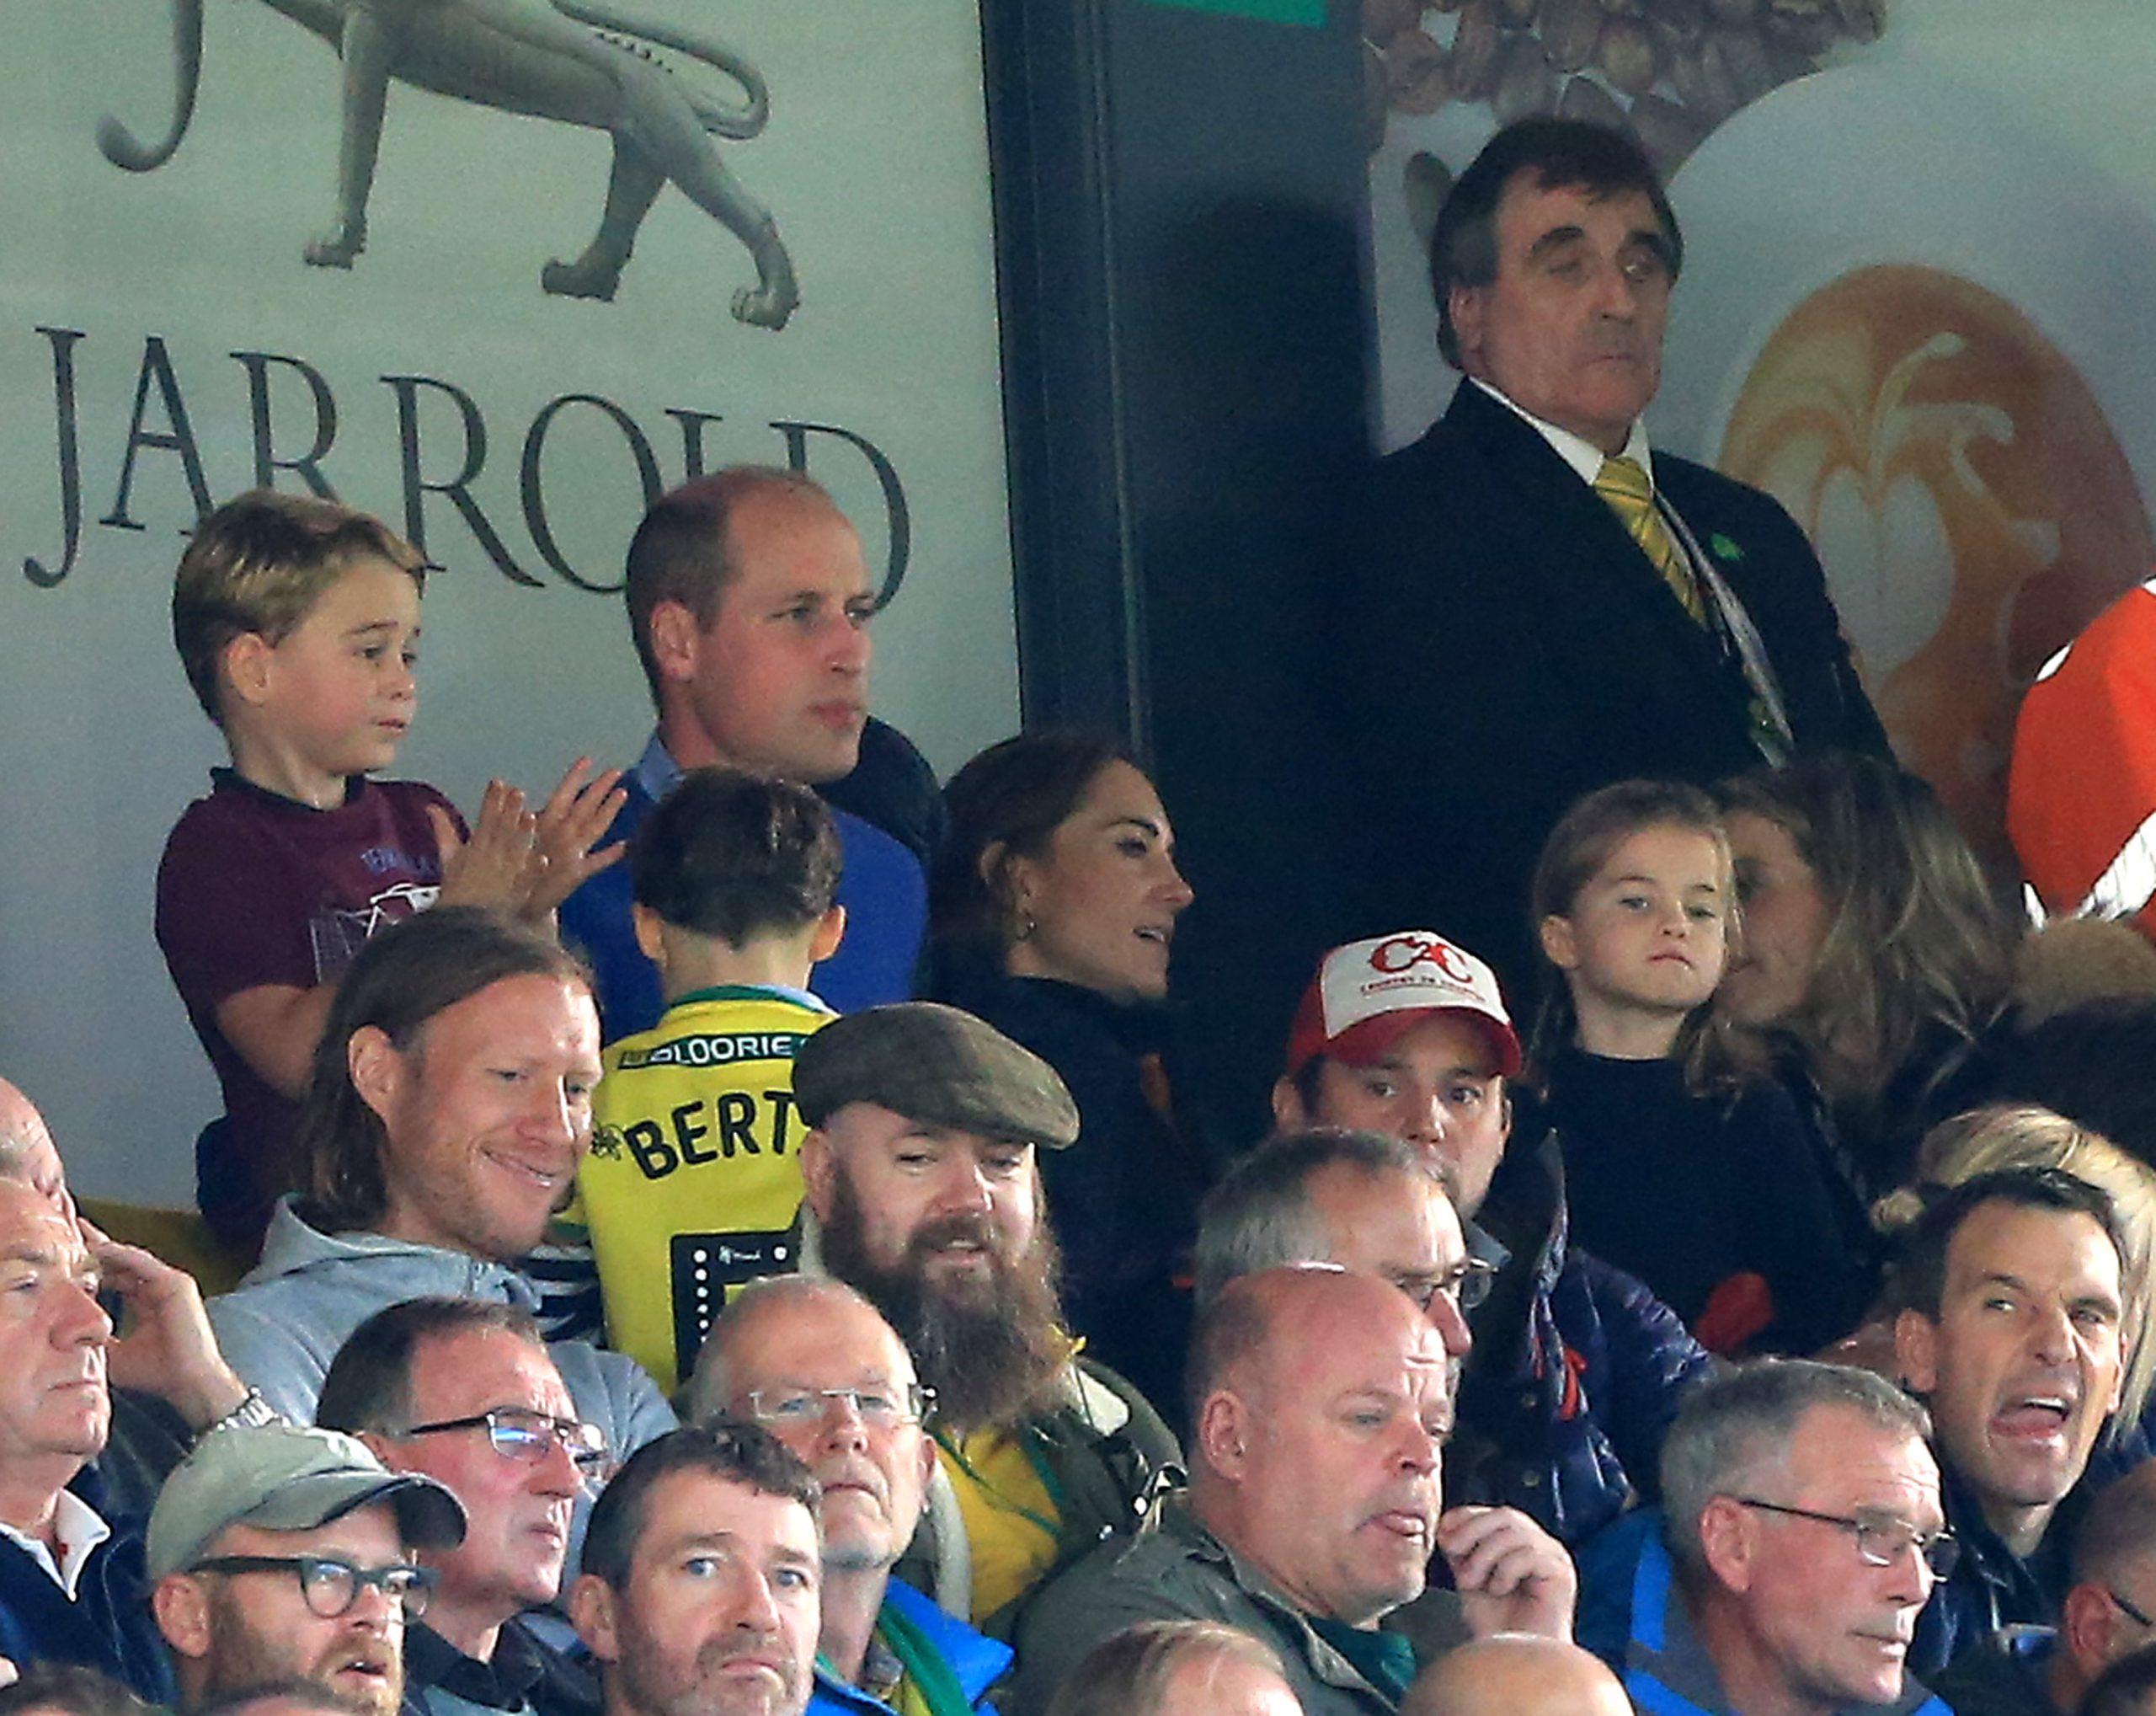 Le Prince George, la Princesse Charlotte, Kate Middleotn et le Prince William lors d'un match de football d'Aston Villa.